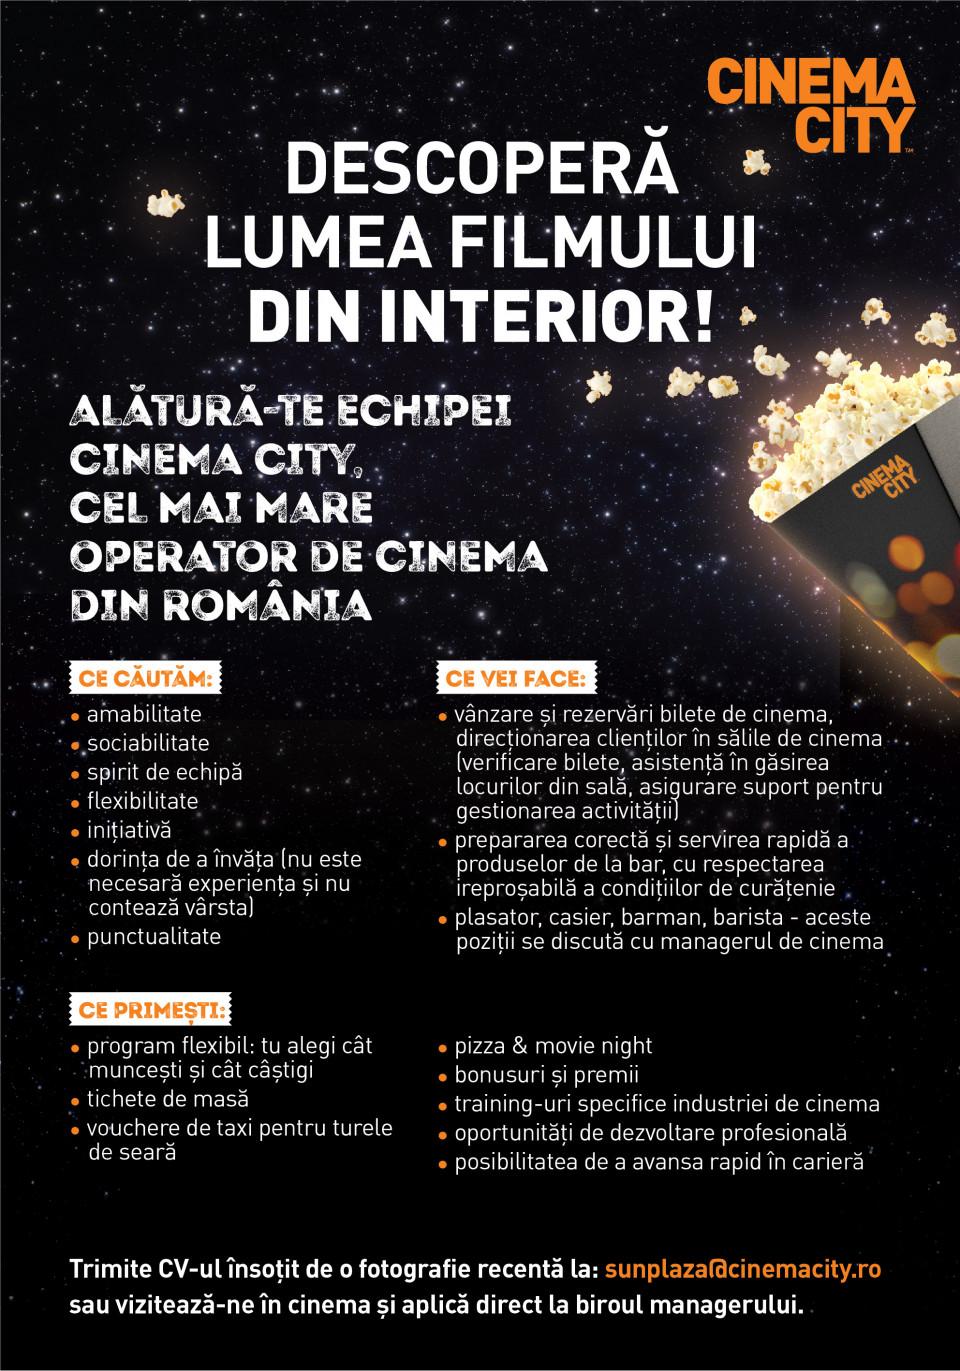 DESCOPERĂ LUMEA FILMULUI DIN INTERIOR!  Alătură-te echipei Cinema City, cel mai mare operator de cinema din România.  Cum ne dorim sa fie noul nostru coleg:  Cu atitudine pozitivă Dornic să învețe (nu este necesară experiența și nu contează vârsta) Punctual Cu bune abilități de comunicare și relaționare Amabil Să îi placă să lucreze în echipă Determinat Cu inițiativă Căutăm colegi care să descopere cu entuziasm lumea filmului din interior pentru următoarele roluri  Barman / Barista / Casier / Plasator  În funcție de rolul potrivit pentru tine, responsabilitățile generale ar putea fi:  - vânzarea de bilete și rezervări bilete de cinema, direcționarea clienților în cinema (verificare bilete, asistență în găsirea locurilor din sală, asigurare suport pentru gestionarea activității);  - preparea corectă și servirea rapidă a produselor de la bar sau cafenea, cu respectarea ireproșabilă a condițiilor de curățenie;  - întâmpinarea clienților și oferirea informațiilor corecte despre produsele noastre;  Barman / Barista / Casier / Plasator – aceste poziții se discută în cadrul interviului.  Ce îți garantăm:  - Program flexibil (tu alegi cât muncești și cât câștigi) - Tichete de masa - Pizza & Movie night - Bonusuri și premii - Training-uri specifice industriei de cinema - Vouchere de taxi pentru turele de seară - Oportunități de dezvoltare profesională - Posibilitatea de a avansa rapid în carieră  Punem accent pe dezvoltarea oamenilor și ne dorim ca fiecare coleg să fie foarte bine pregătit profesional existând șanse de promovare. Dezvoltă și tu o carieră în industria de cinema!  Trimite CV-ul insotit de o fotografie recenta la: sunplaza@cinemacity.ro sau viziteaza-ne in cinema si aplica direct la biroul managerului.  Te așteptăm cu drag! Descoperă lumea filmului din interior!Alătură-te echipei Cinema City, cel mai mare operator de cinema din România, parte din Cineworld, al doilea mare lanț de cinematografe din lume!Ne dorim să fim cel mai bun loc unde se vizionează filmele 